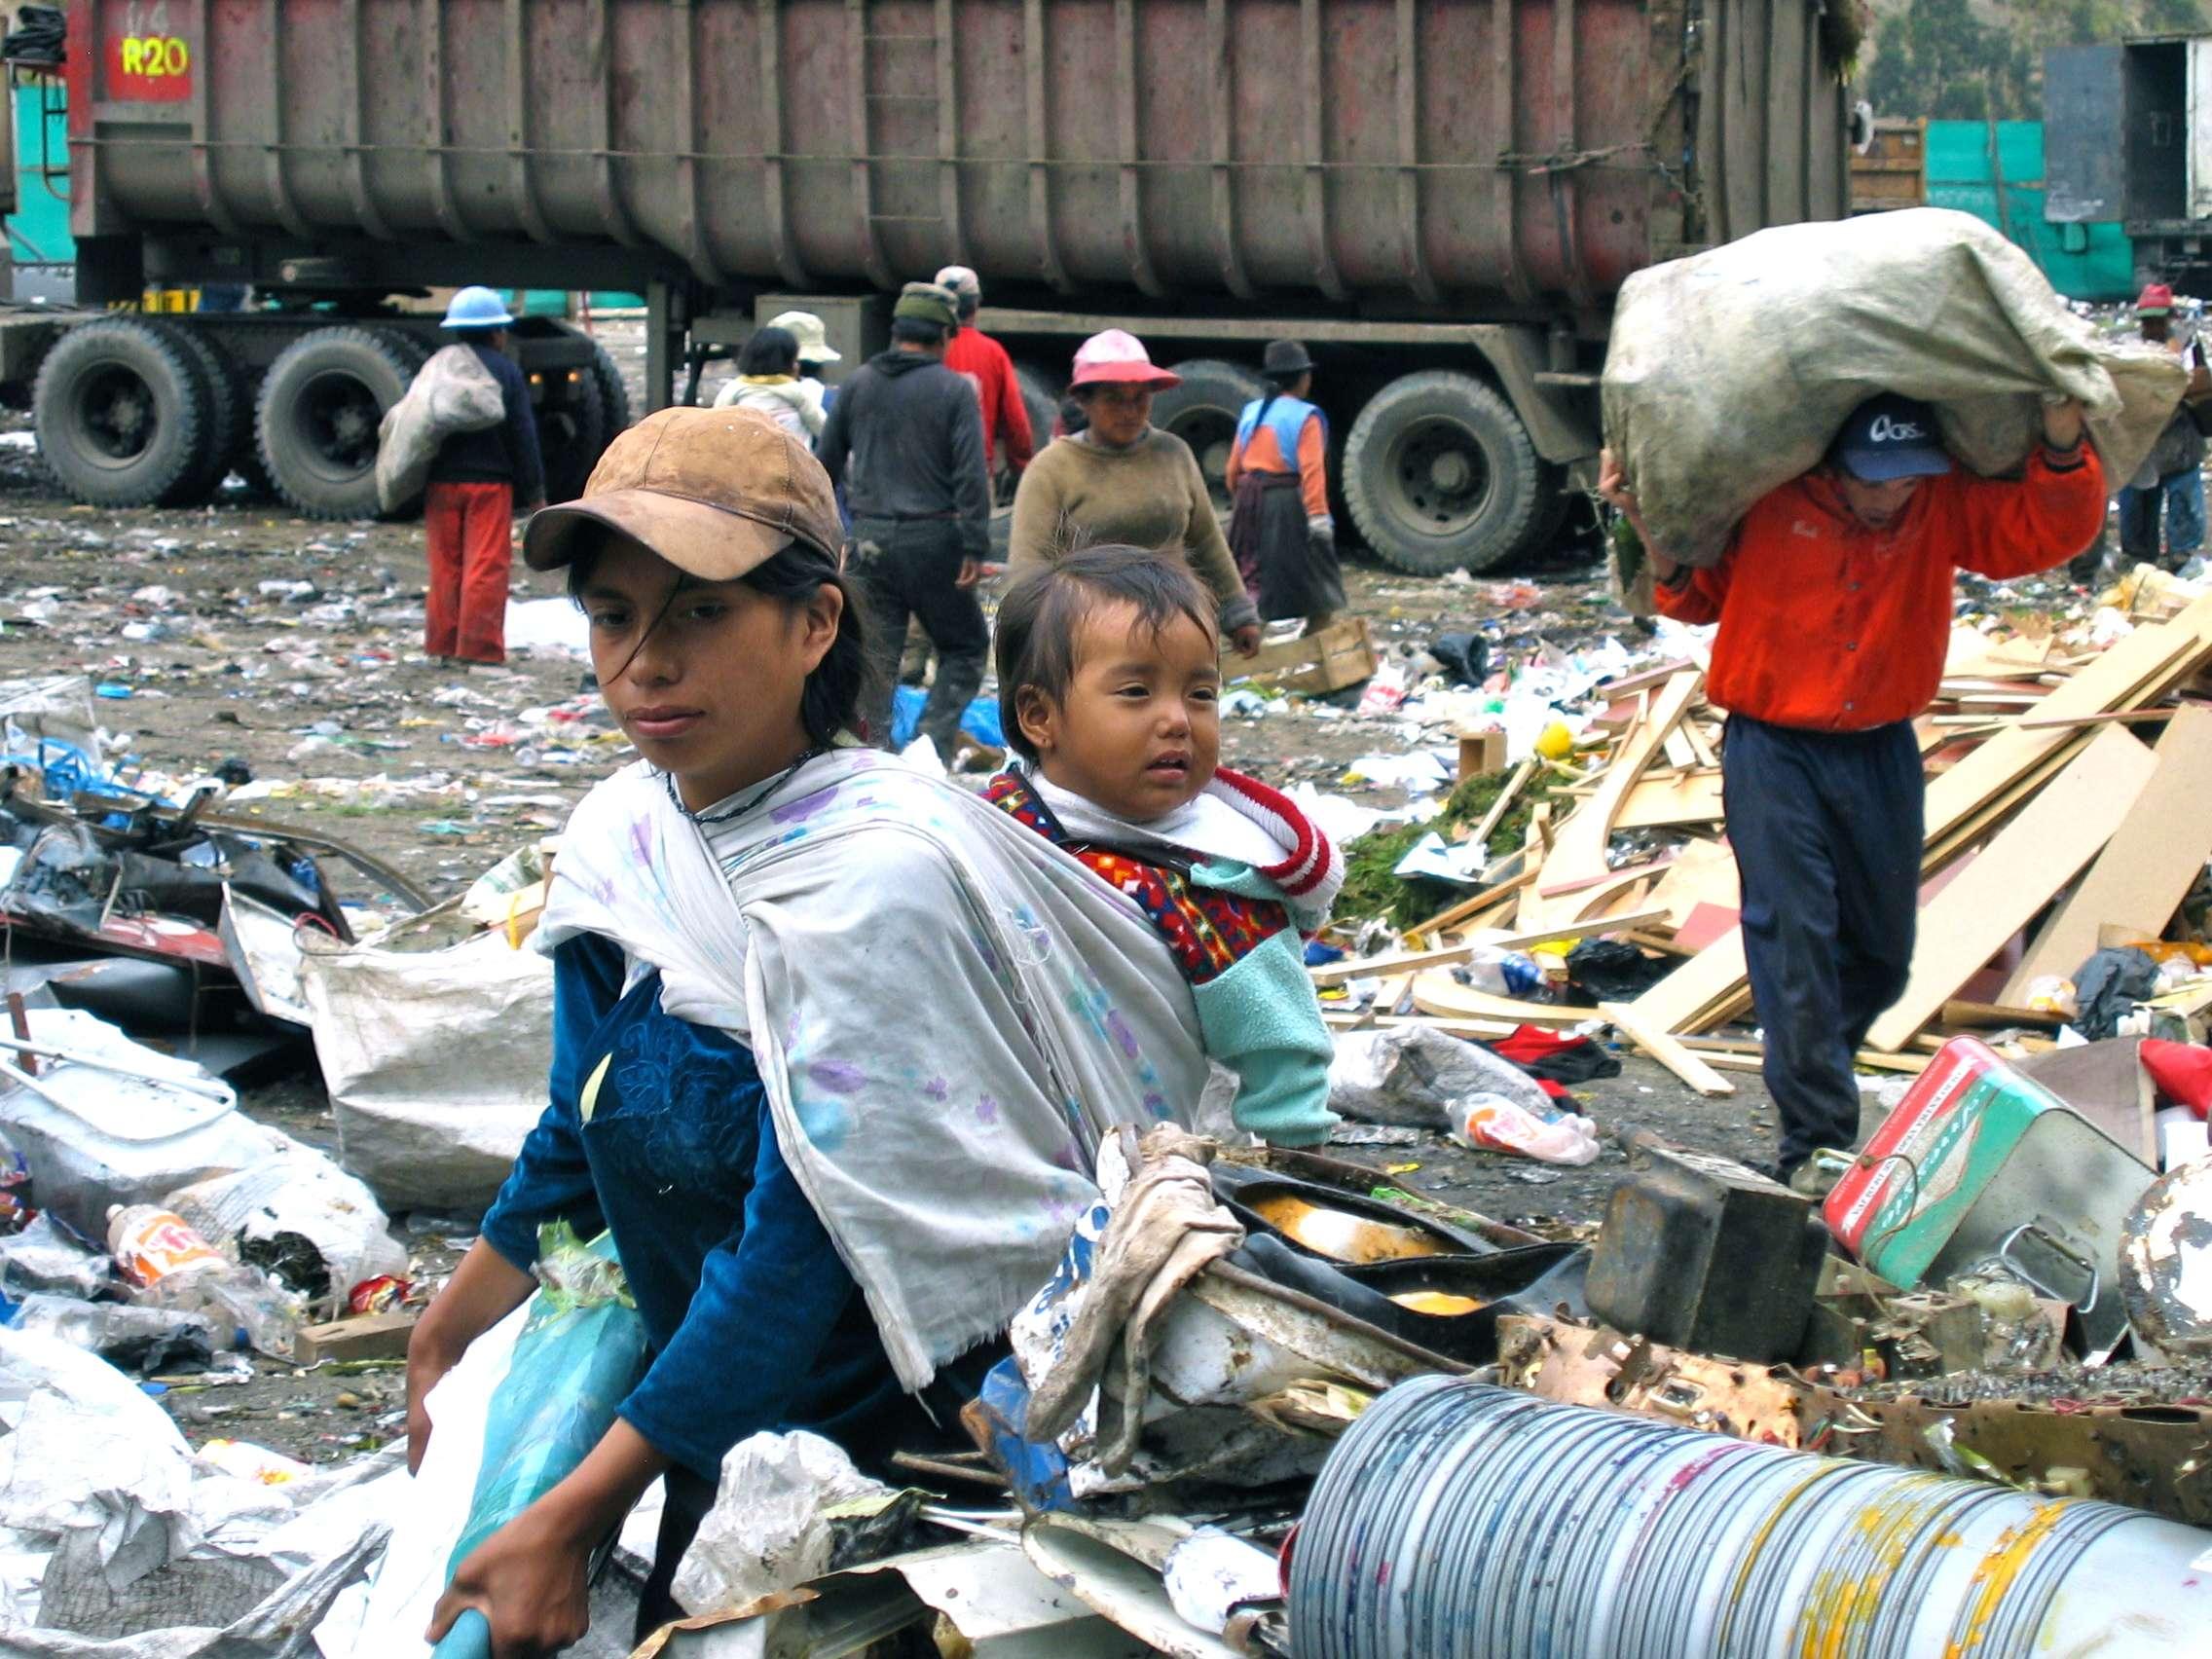 Άνθρωποι ψάχνουν στα σκουπίδια